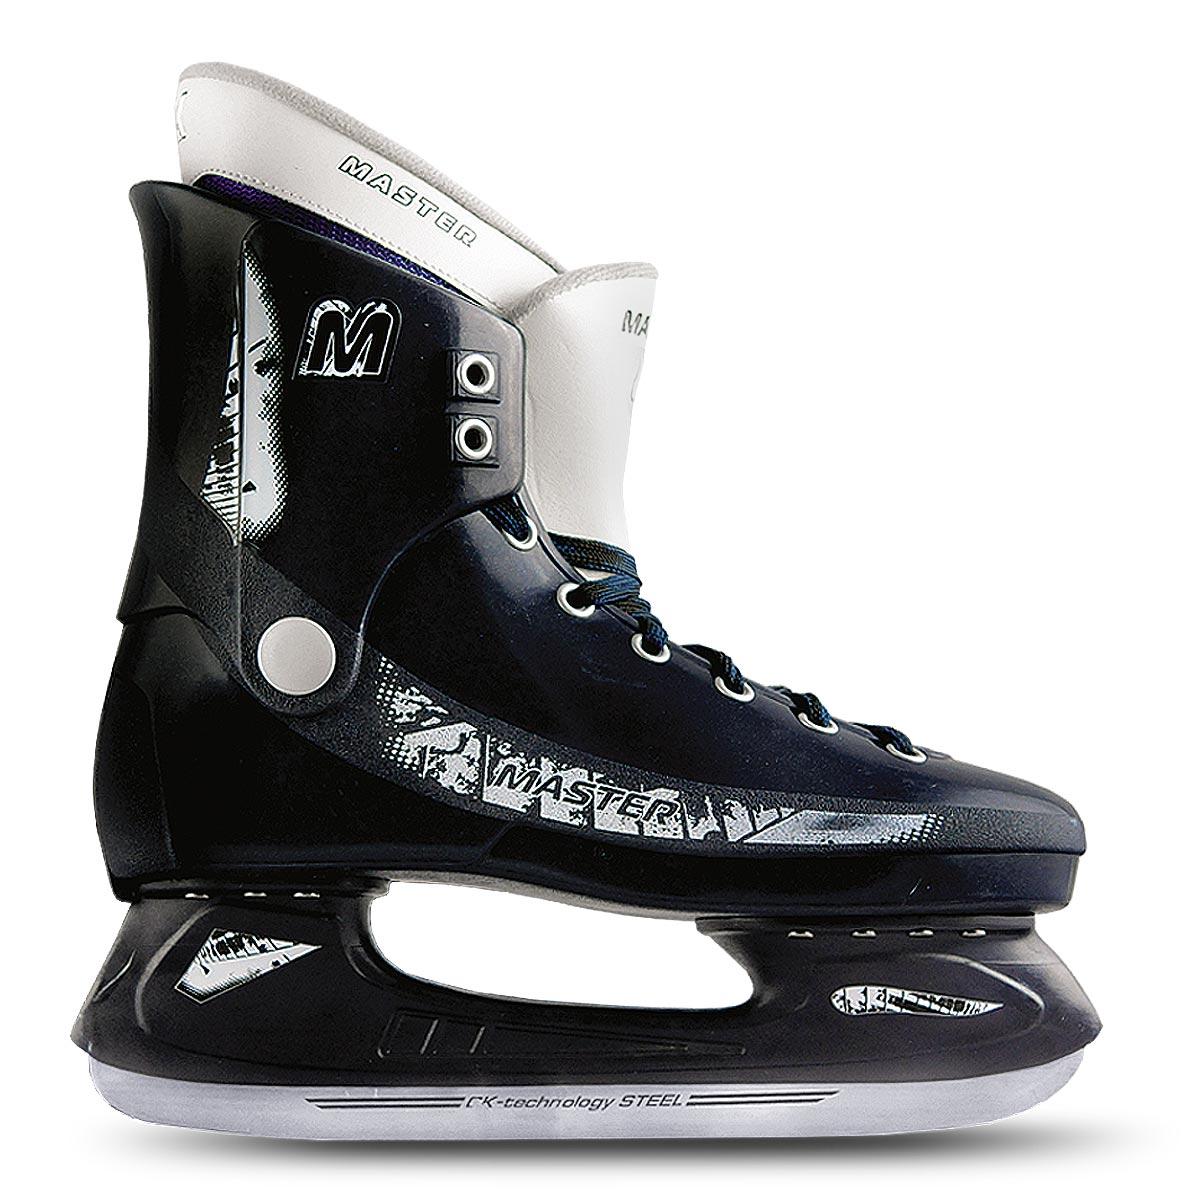 Коньки хоккейные мужские Master DeluxeMASTER deluxeСтильные коньки от CK Master Deluxe с ударопрочной защитной конструкцией отлично подойдут для начинающих обучаться катанию. Ботинки изготовлены из морозостойкого полимера, который защитит ноги от ударов. Верх изделия оформлен классической шнуровкой, надежно фиксирующей голеностоп. Сапожок, выполненный из комбинации капровелюра и искусственной кожи, оформлен принтом и тиснением в виде логотипа бренда. Внутренняя поверхность, дополненная утеплителем, и стелька исполнены из текстиля. Фигурное лезвие изготовлено из нержавеющей легированной стали со специальным покрытием, придающим дополнительную прочность. Усиленная двух-стаканная рама декорирована с одной из боковых сторон оригинальным принтом. Стильные коньки придутся вам по душе. Уважаемые клиенты, обращаем ваше внимание на тот факт, что модель маломерит: при заказе выбирайте размер на 1-2 превышающий ваш собственный.